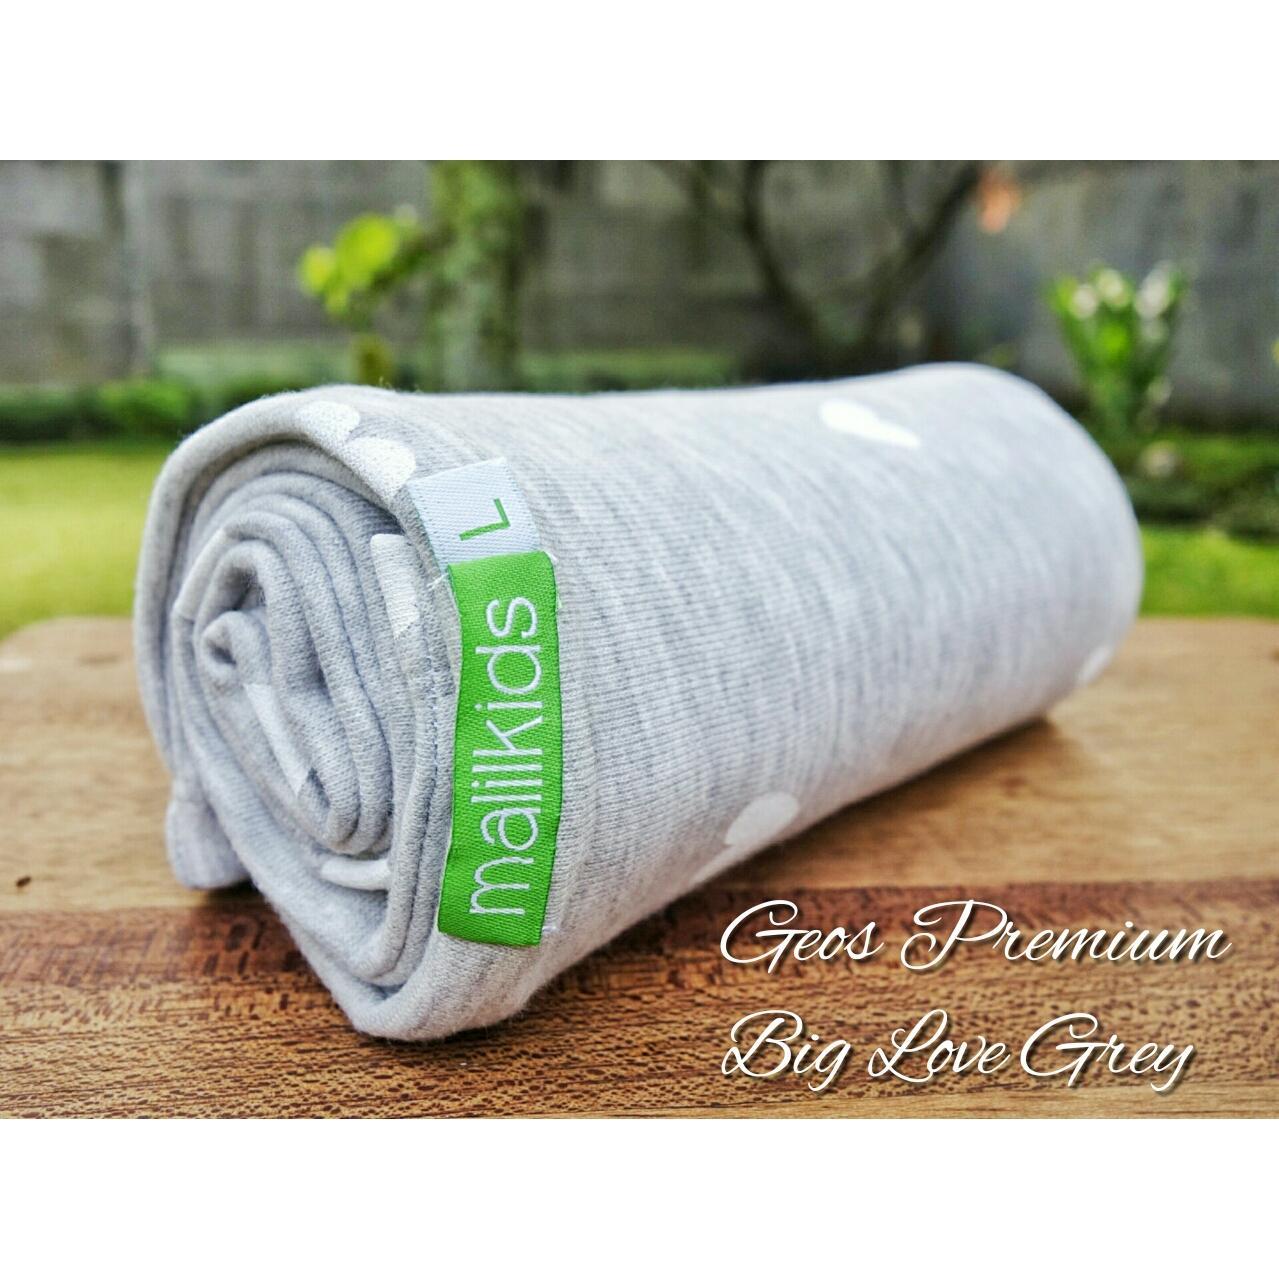 Cek Harga Baru Gratis Pouch! Size L Malilkids Geos Gendongan Kaos Premium Gendongan Instan Model Big Love Grey Terkini Pebruari 2019